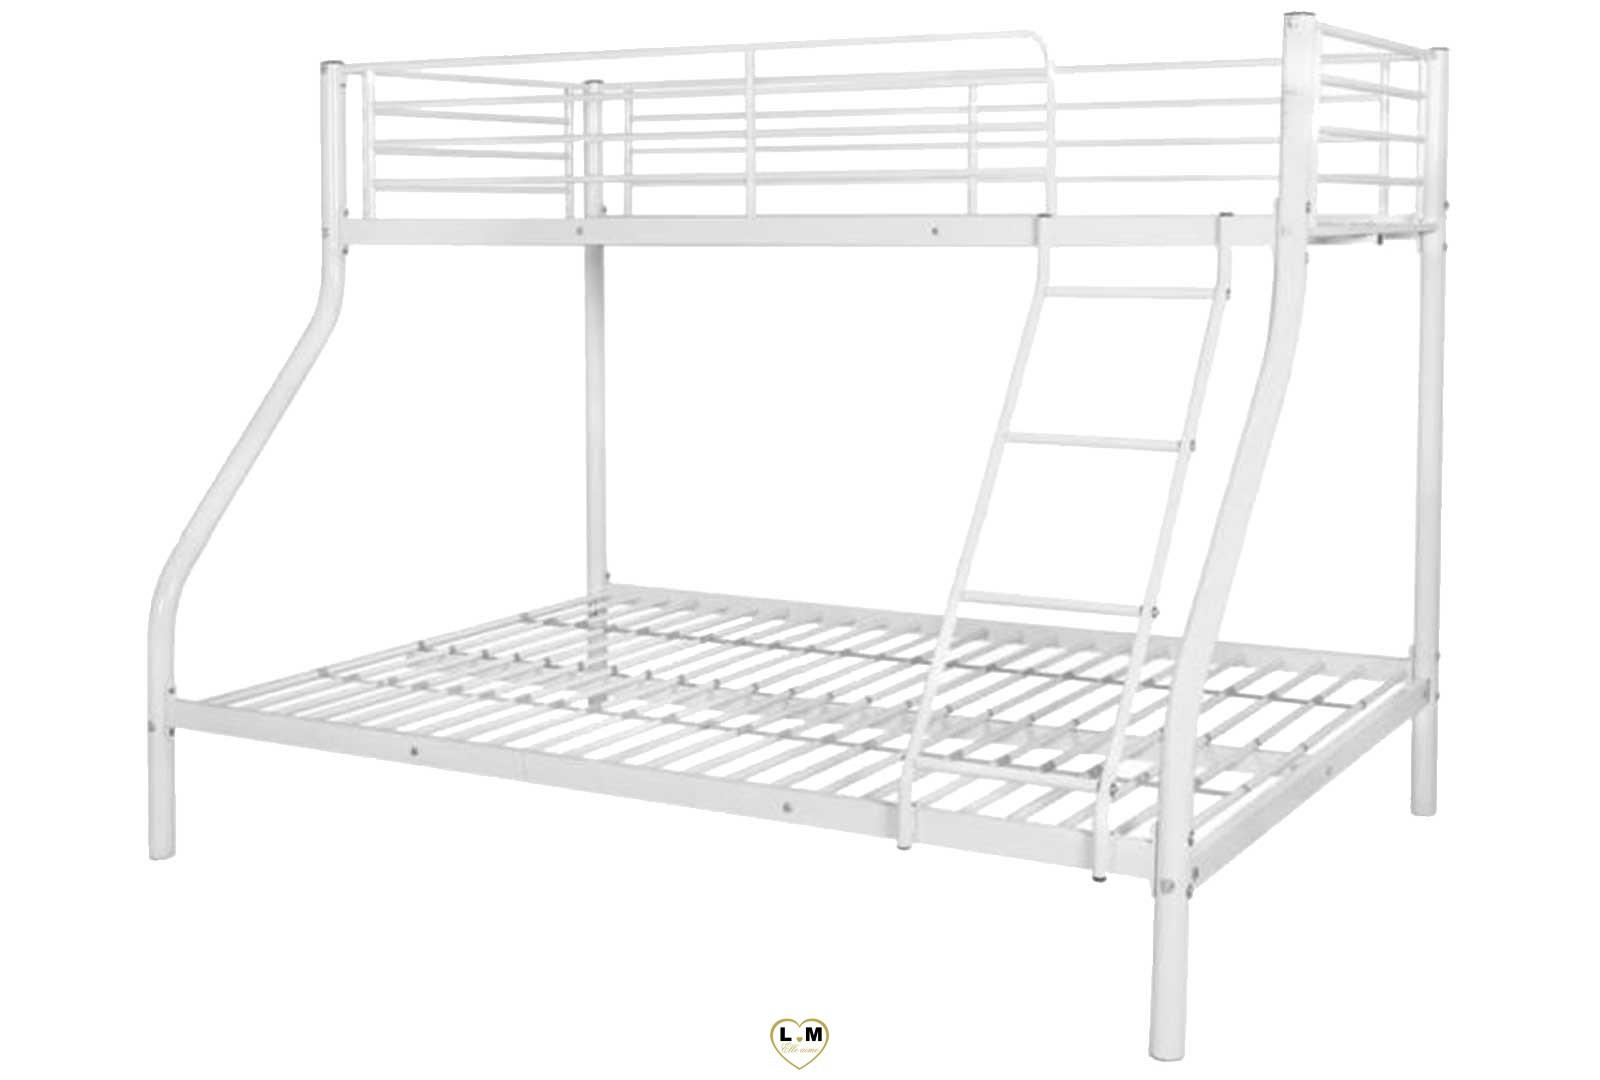 caramel lit superpose metal 2 1 blanc lignemeuble com. Black Bedroom Furniture Sets. Home Design Ideas